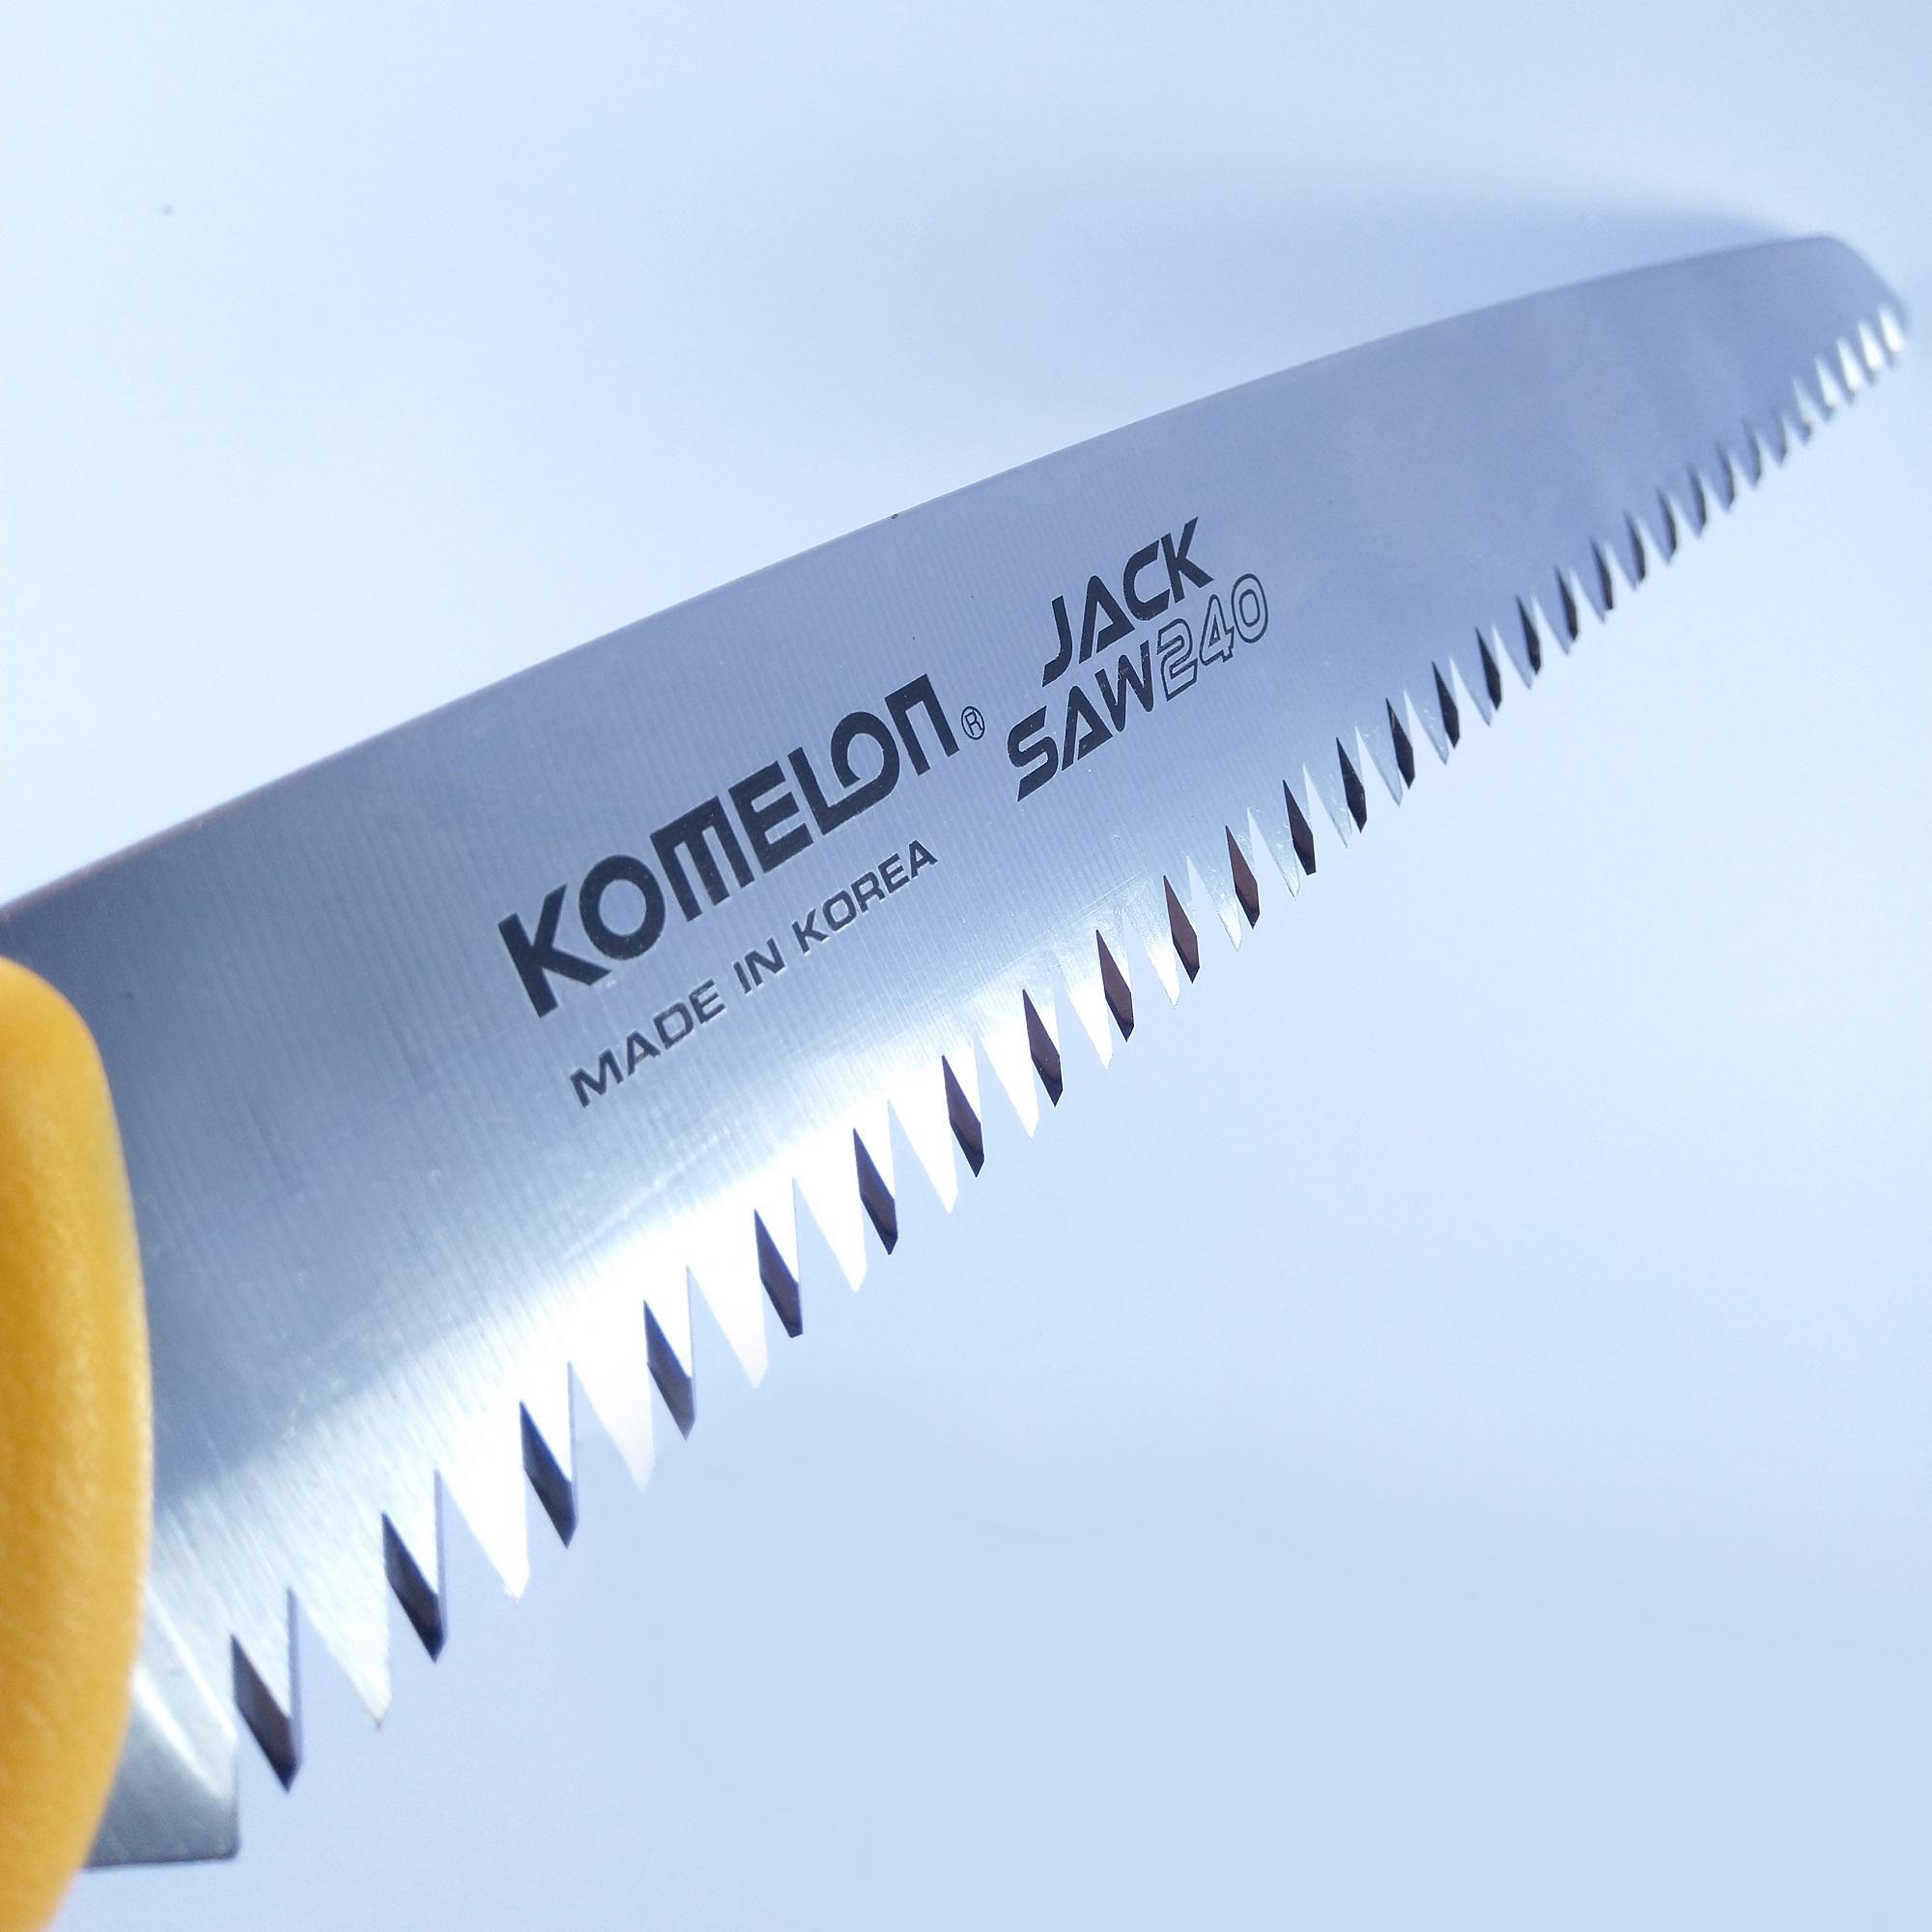 Cưa gỗ cầm tay lưỡi kép FB-240 KOMELON Hàn Quốc